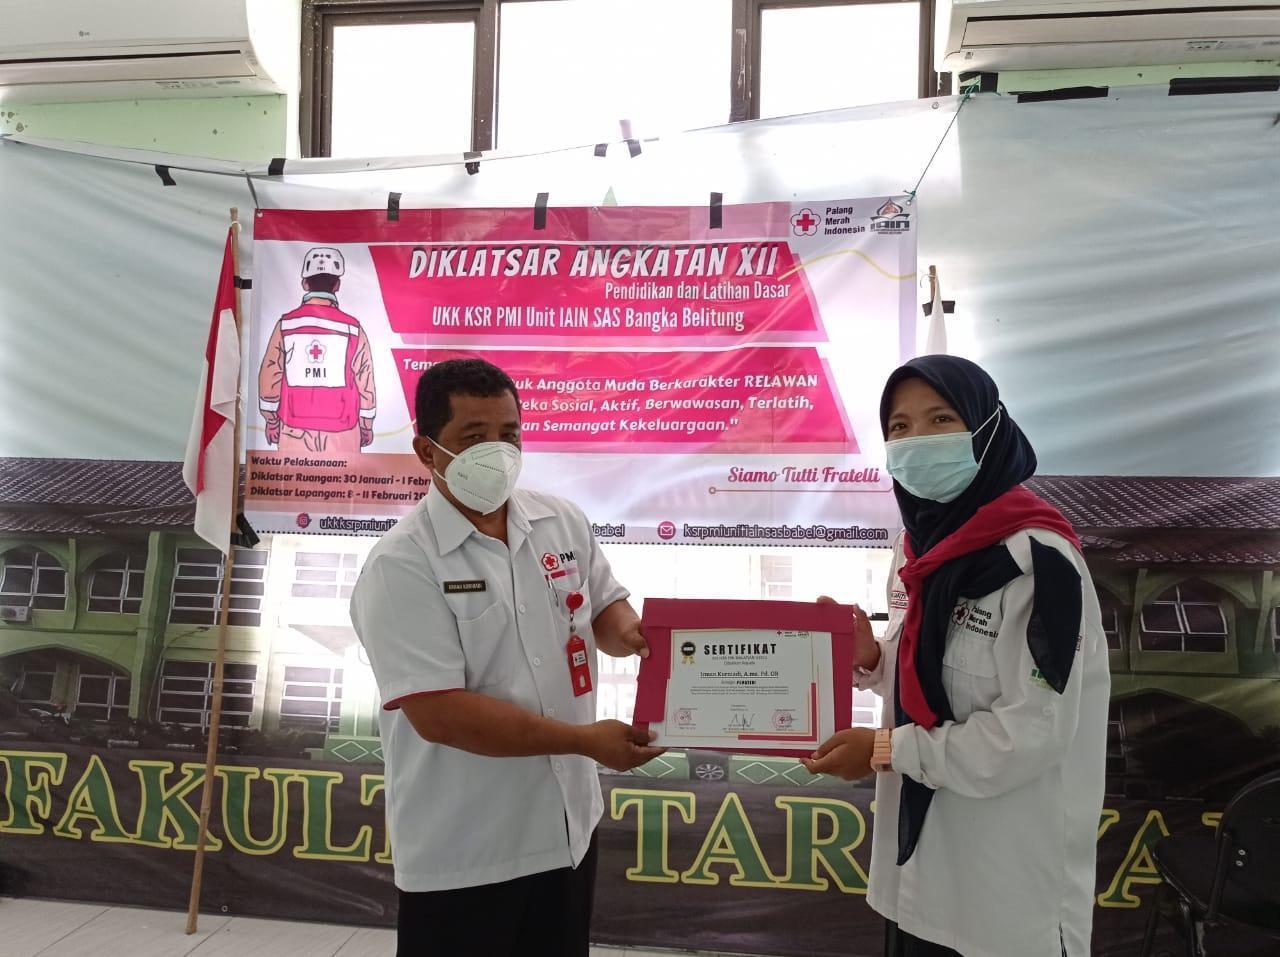 KSR PMI Rekrut Anggota Baru ditengah Pandemi